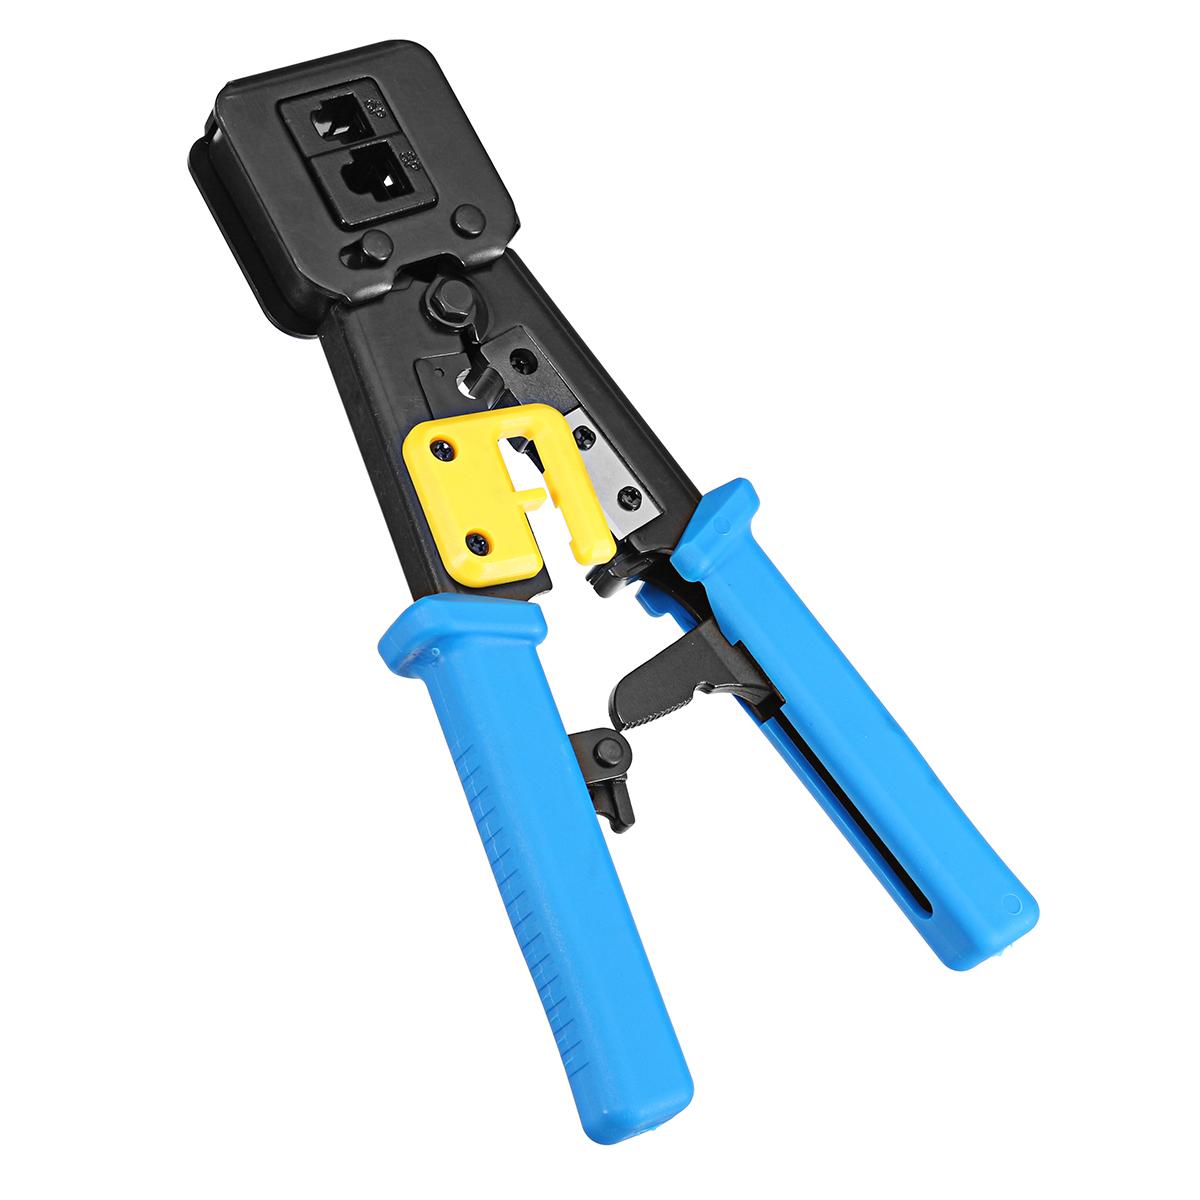 RJ11 EZ RJ45 Crimper Plier Crimping Cable Stripper Pressing Line Clamp Plier